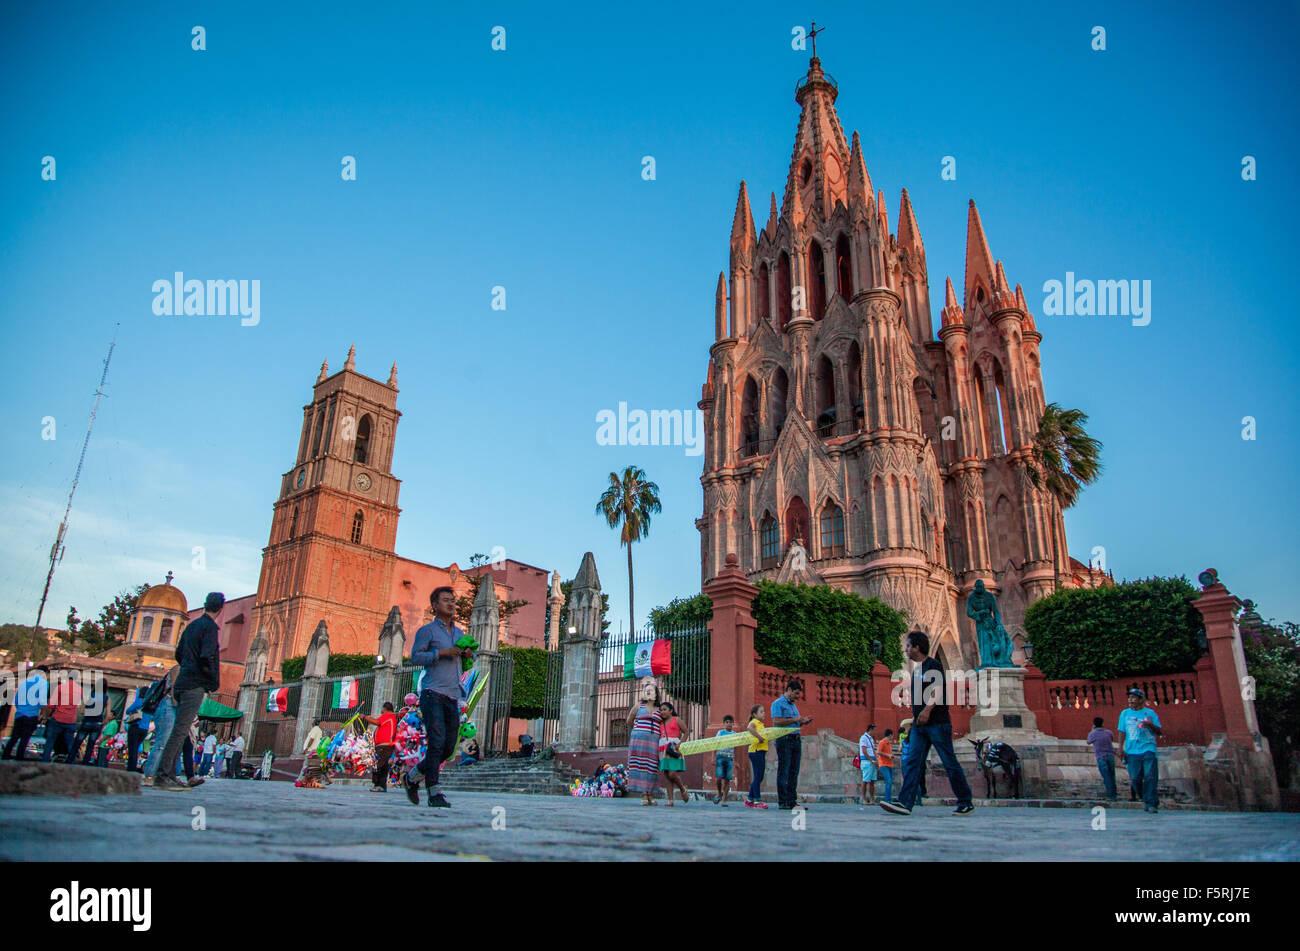 Parroquia de San Miguel Arcángel and Templo de San Rafael on the main square of San Miguel de Allende in Mexico - Stock Image